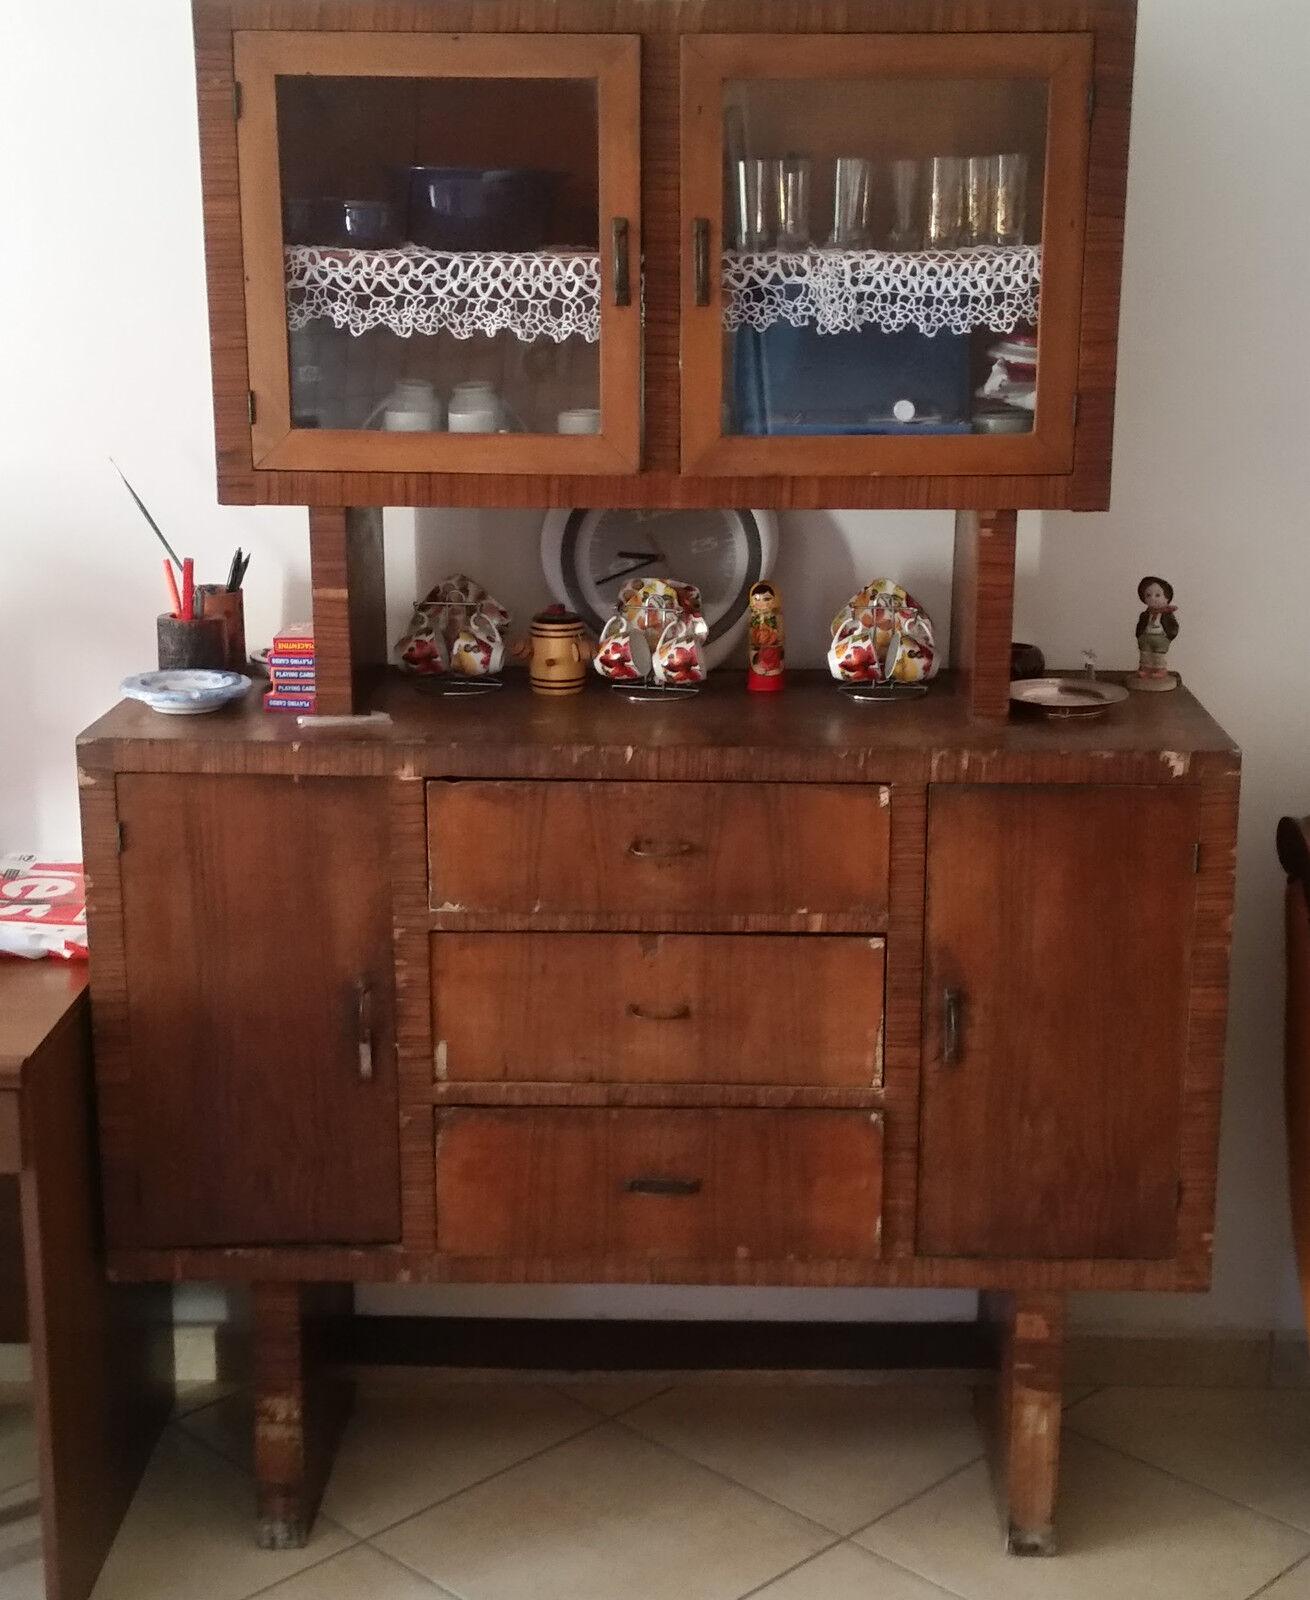 Credenza Cucina Anni 40 credenza anni 40 - arredamento, mobili e accessori per la